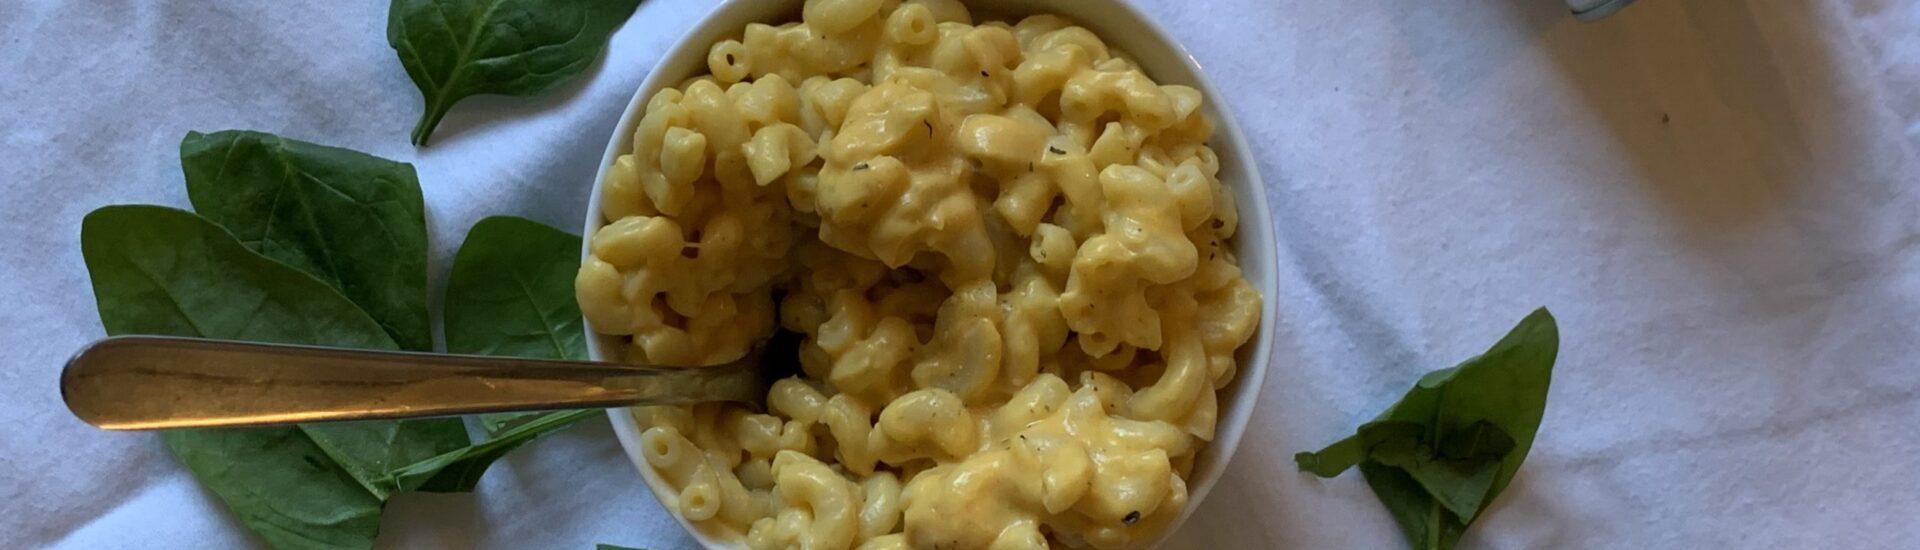 veganska pasta rätt